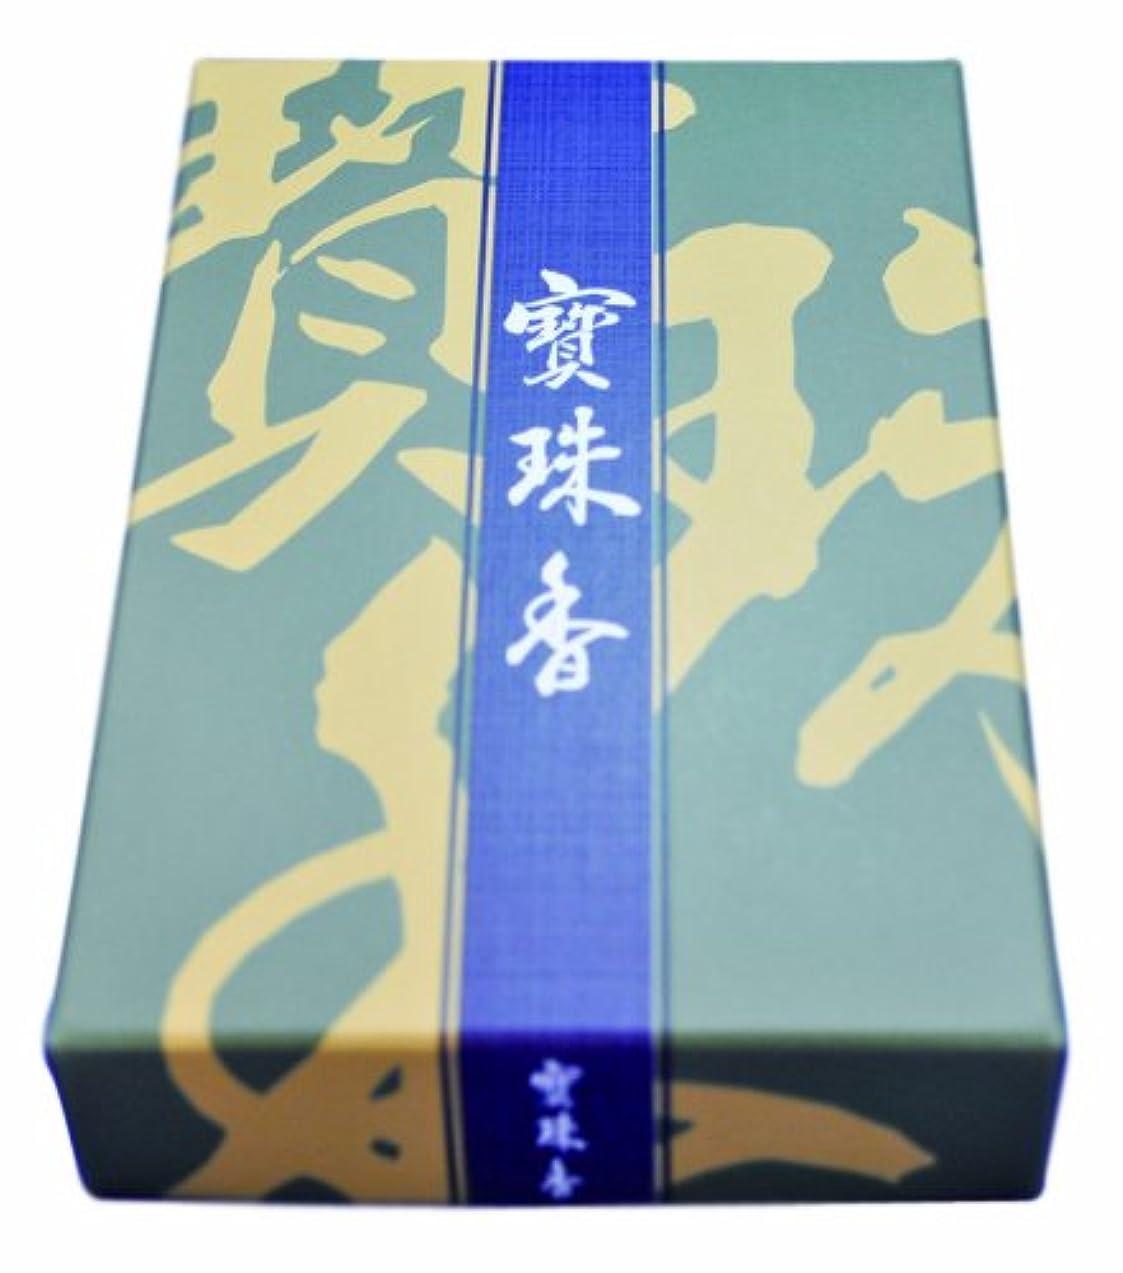 肉の認識ドローお線香 寳珠香 短寸バラ詰 約42g シャム沈香の香り